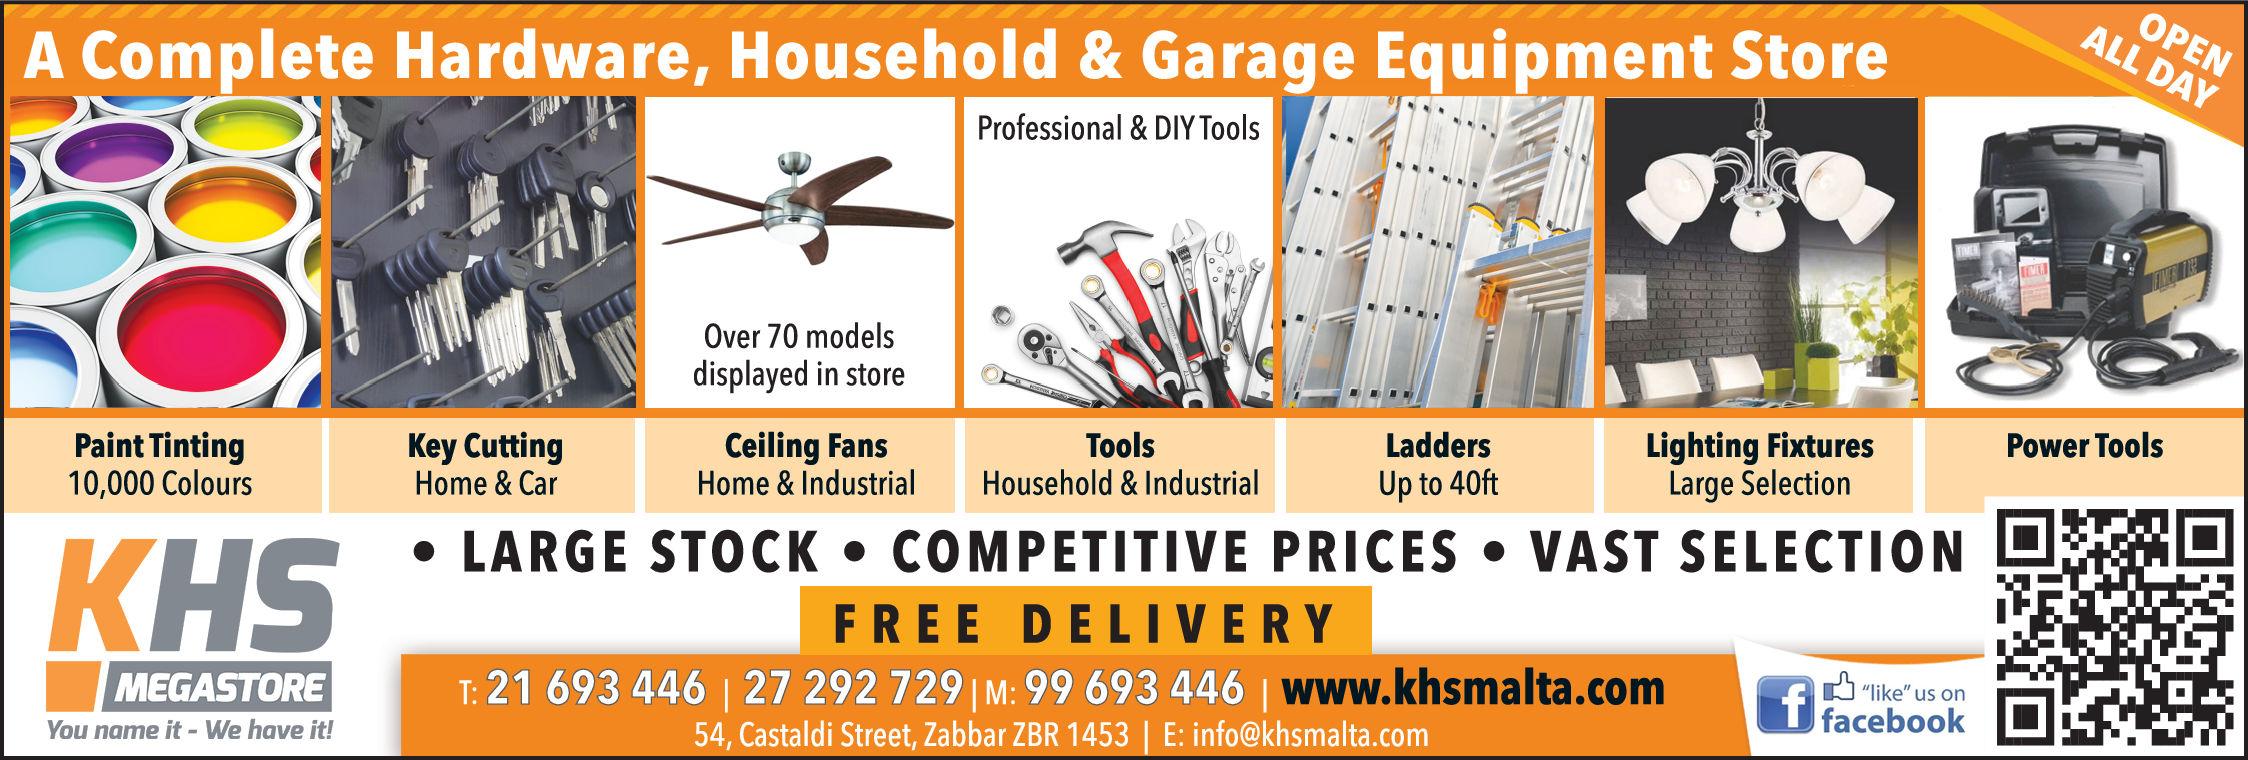 KHS Megastore - Ironmongery & Hardware Stores in Zabbar, Malta